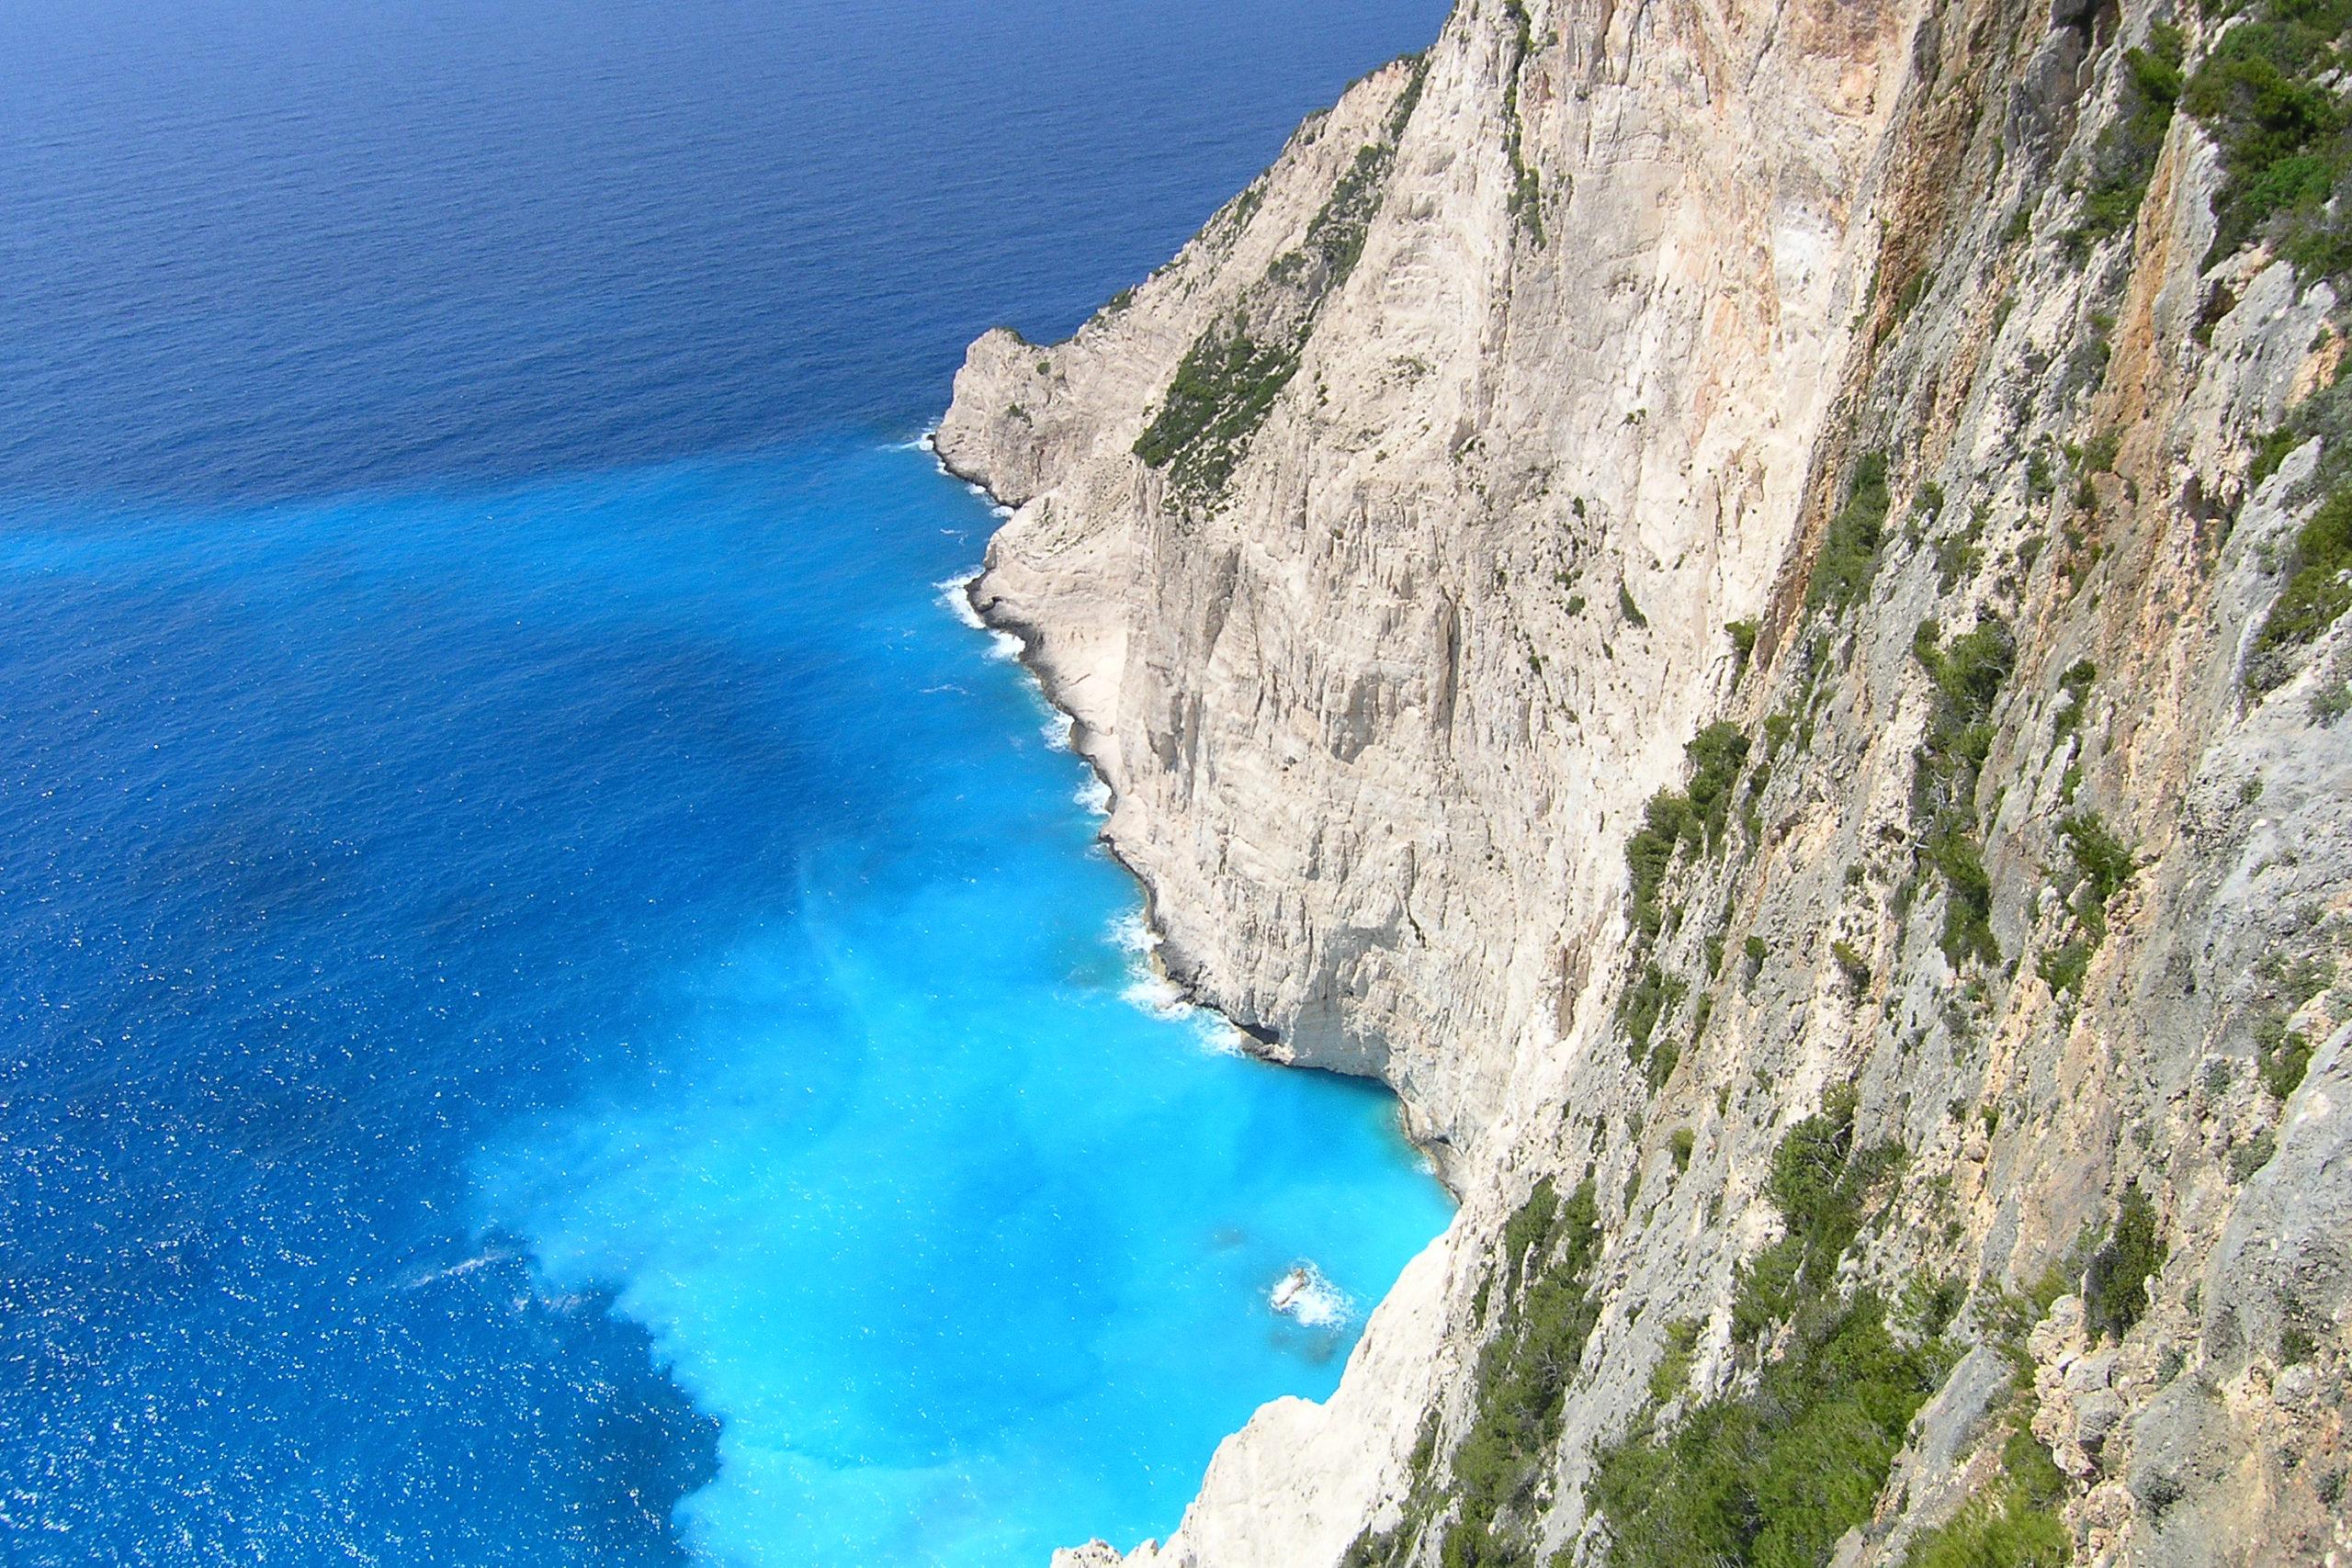 Widok na Klif i błękitną wodę